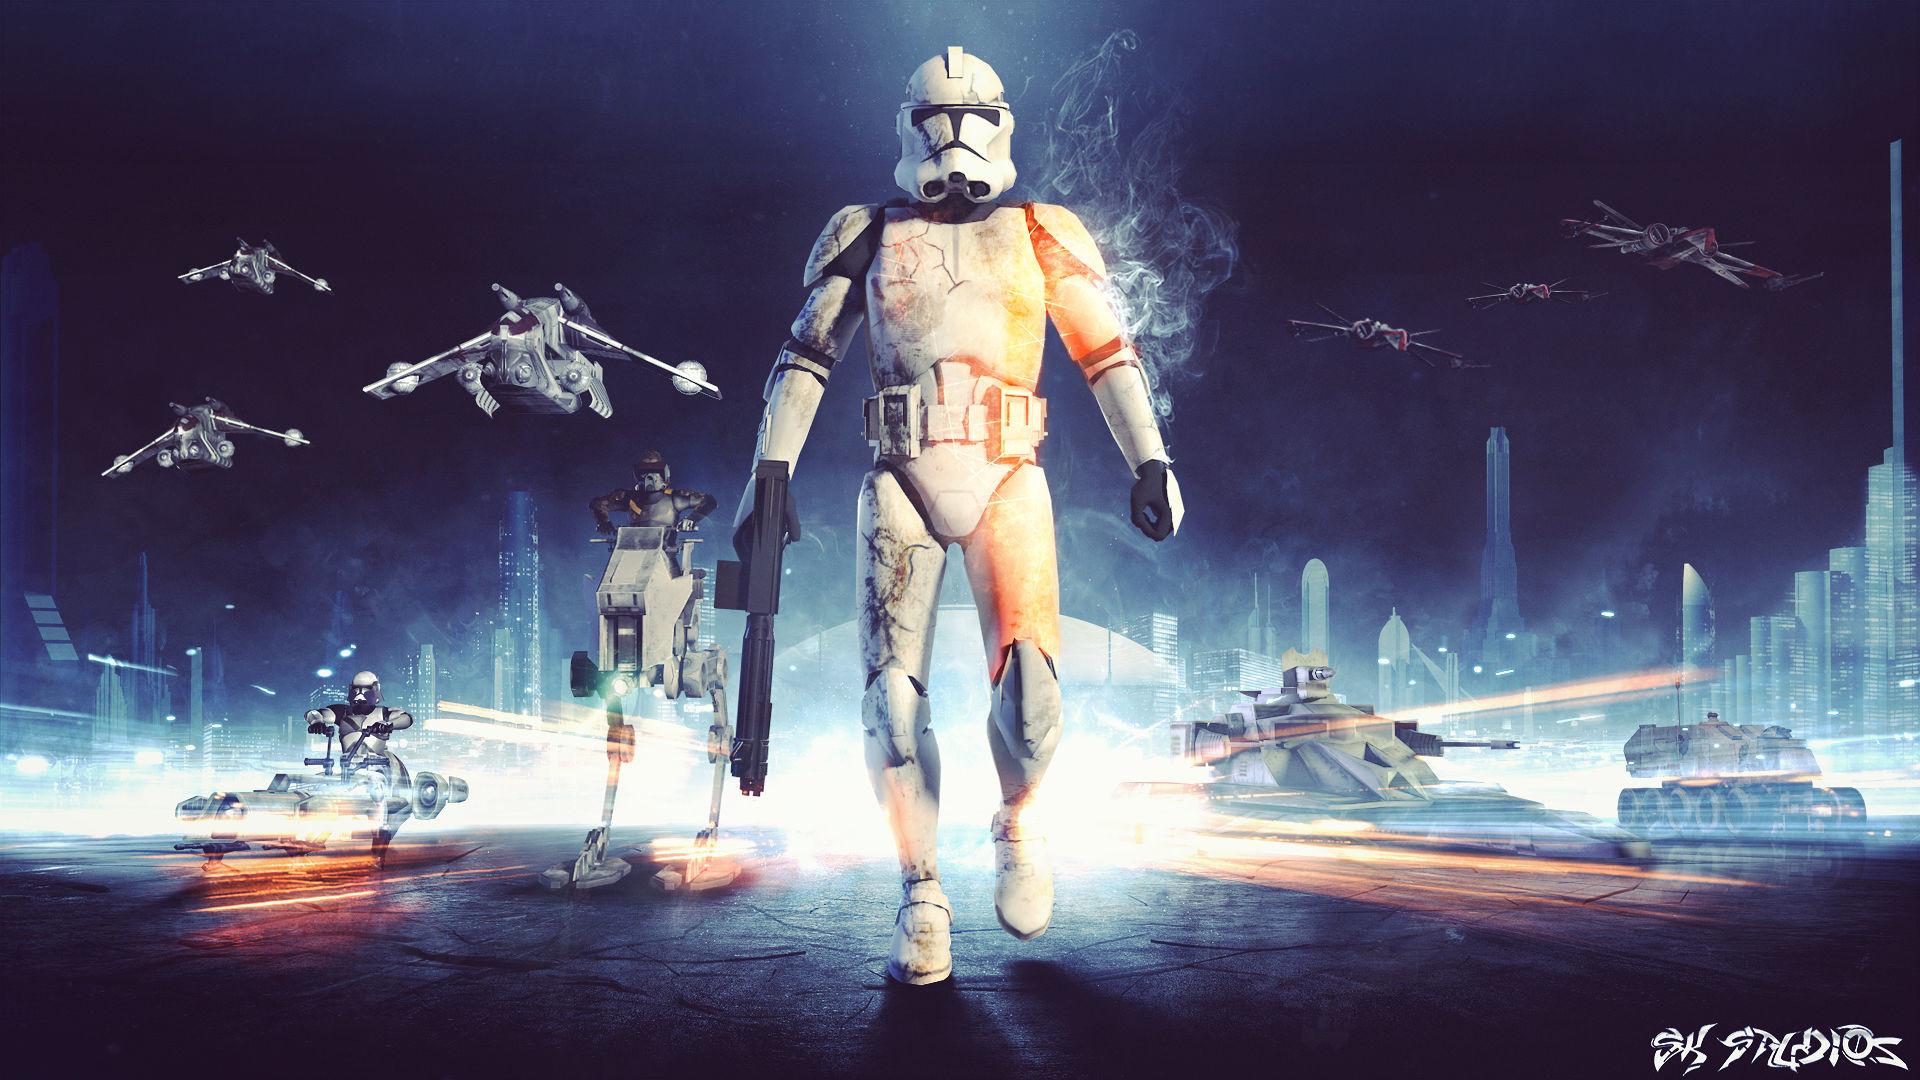 wpid-star-wars-wallpaper-674-star-wars-battlefront-